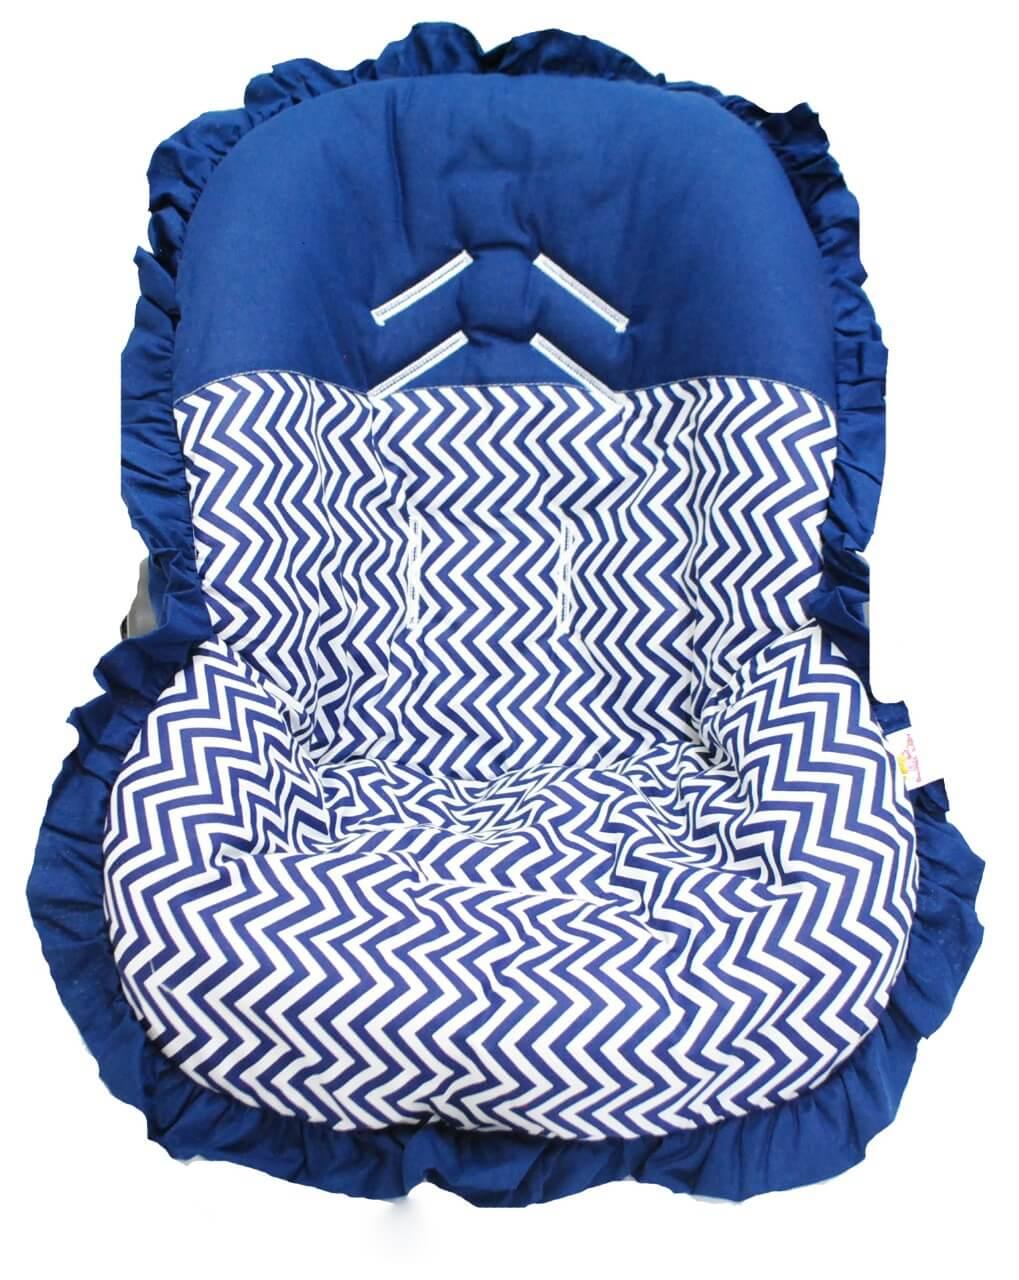 Capa Para Bebê Conforto Chevron Marinho 100% Algodão